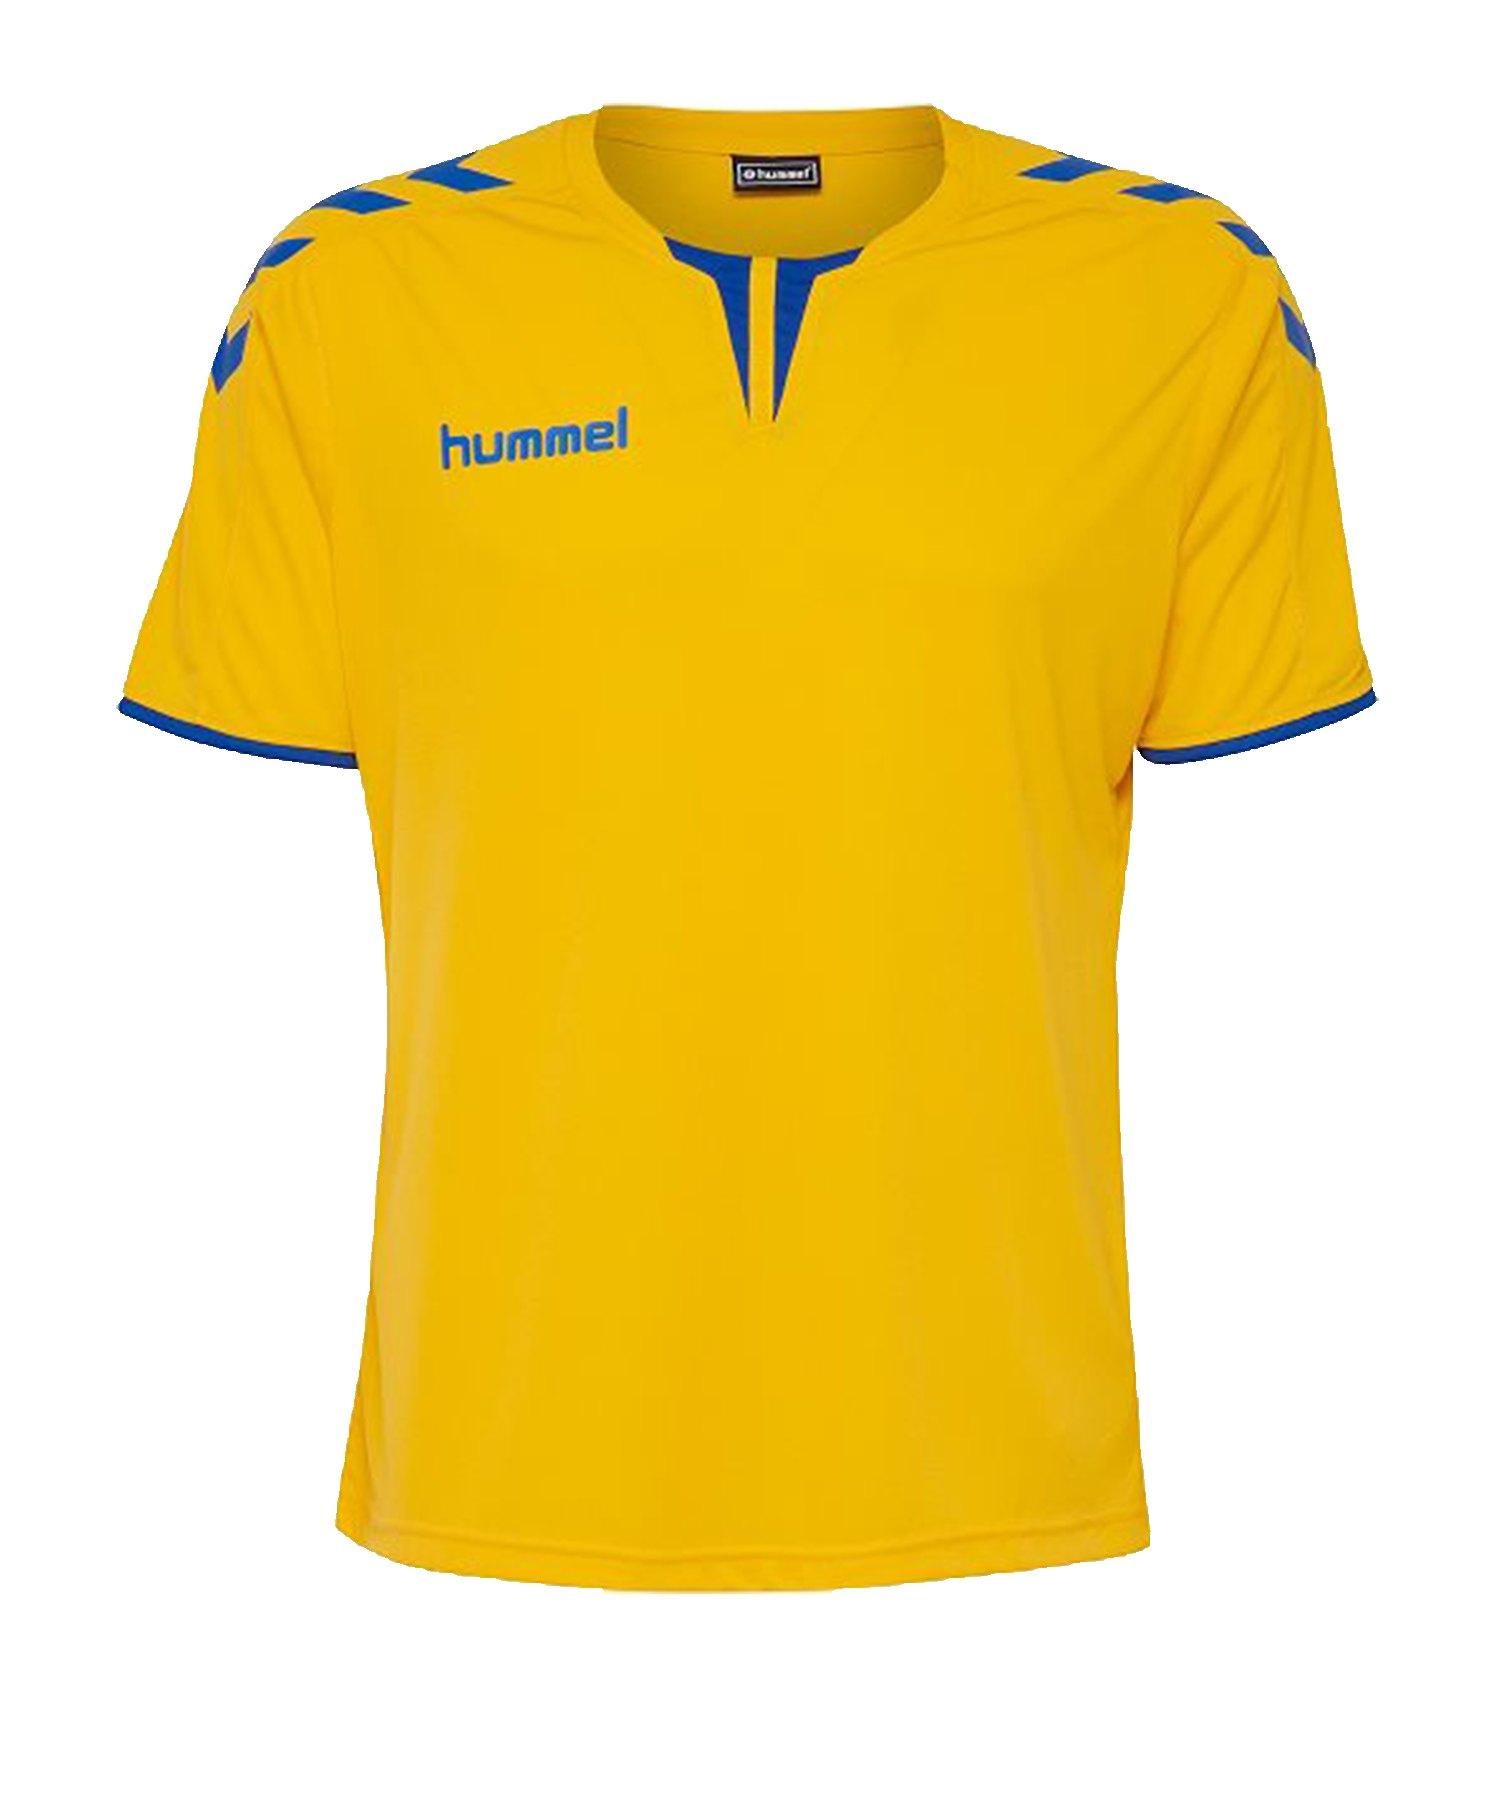 Hummel Core Trikot kurzarm Gelb Blau F5167 - gelb